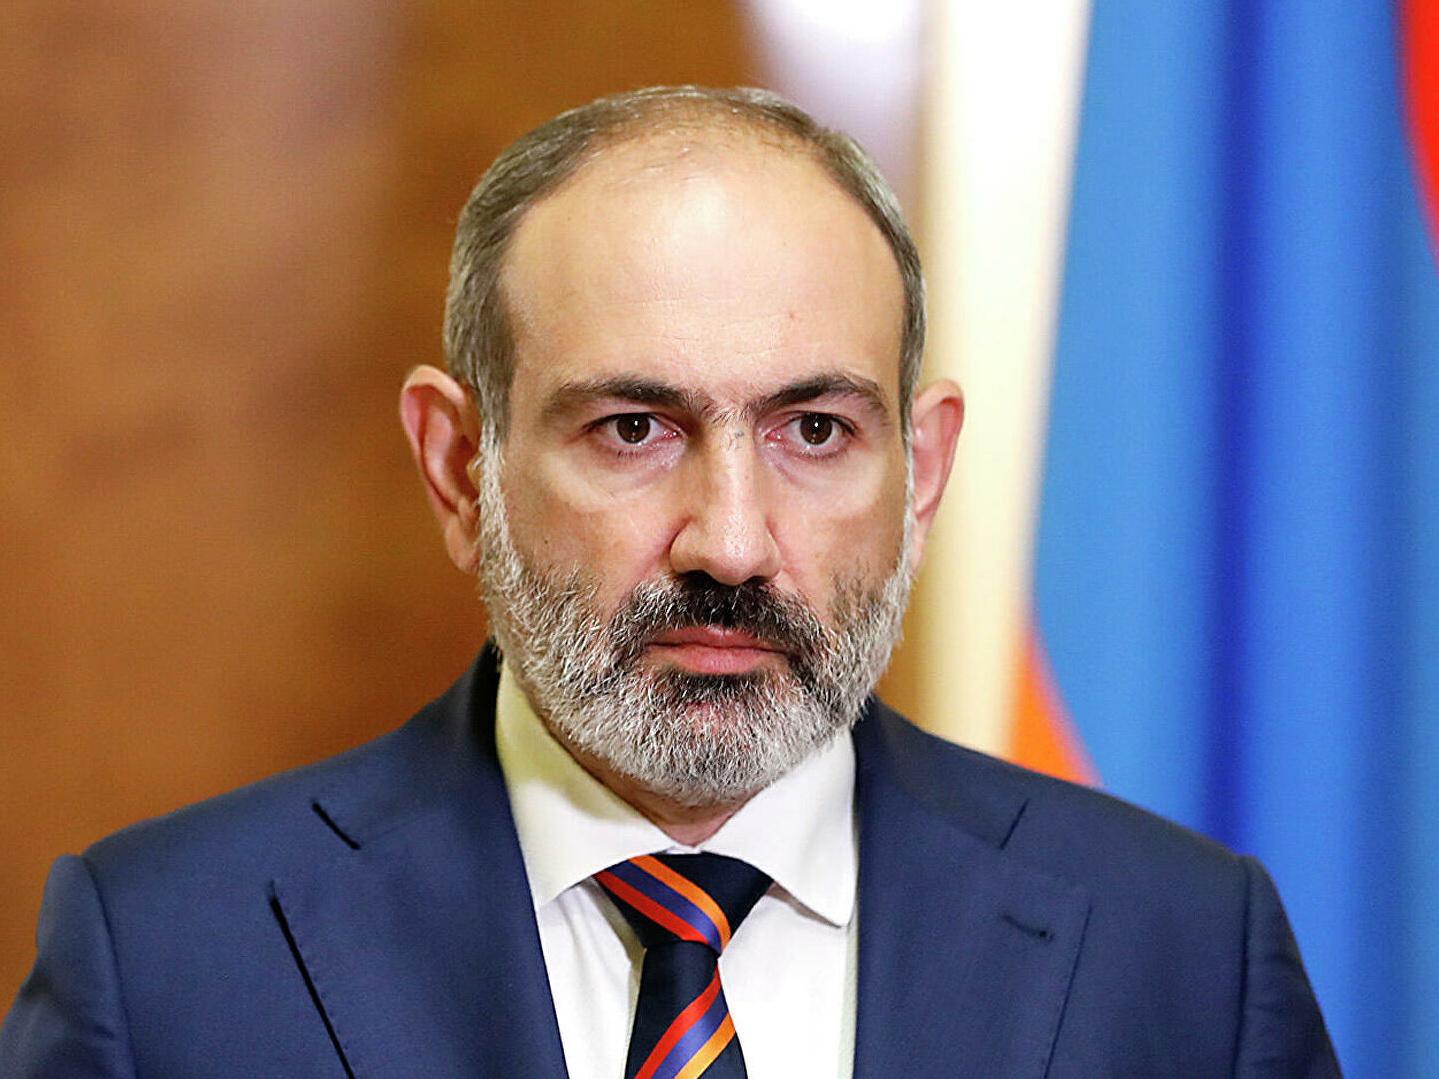 Пашинян отказался от переговоров с Азербайджаном